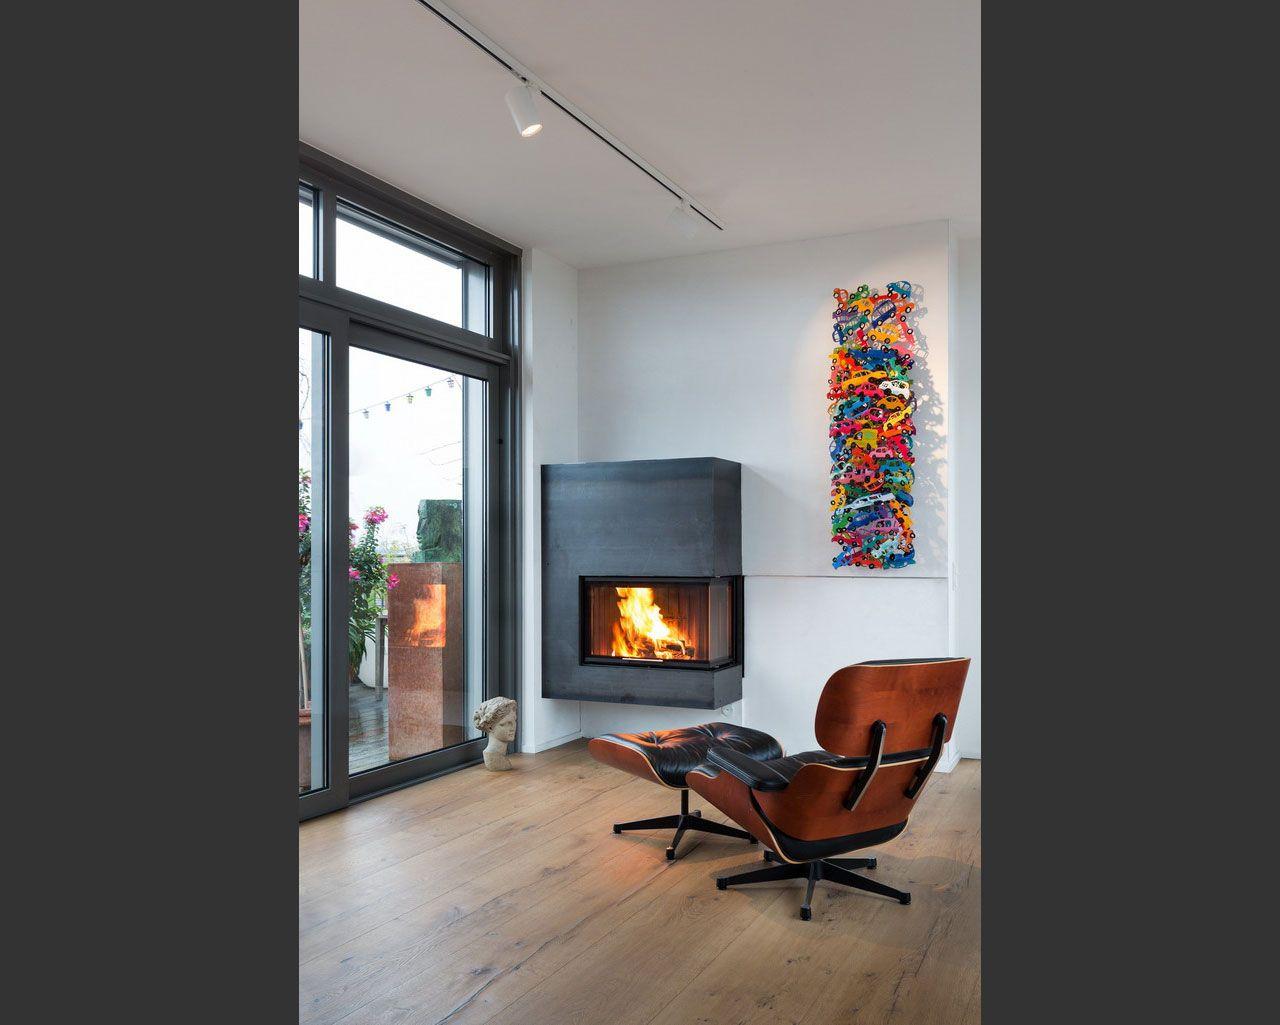 ein h ngender zweiseitig einsehbarer holzkamin die verkleidung besteht aus 4 mm starkem. Black Bedroom Furniture Sets. Home Design Ideas